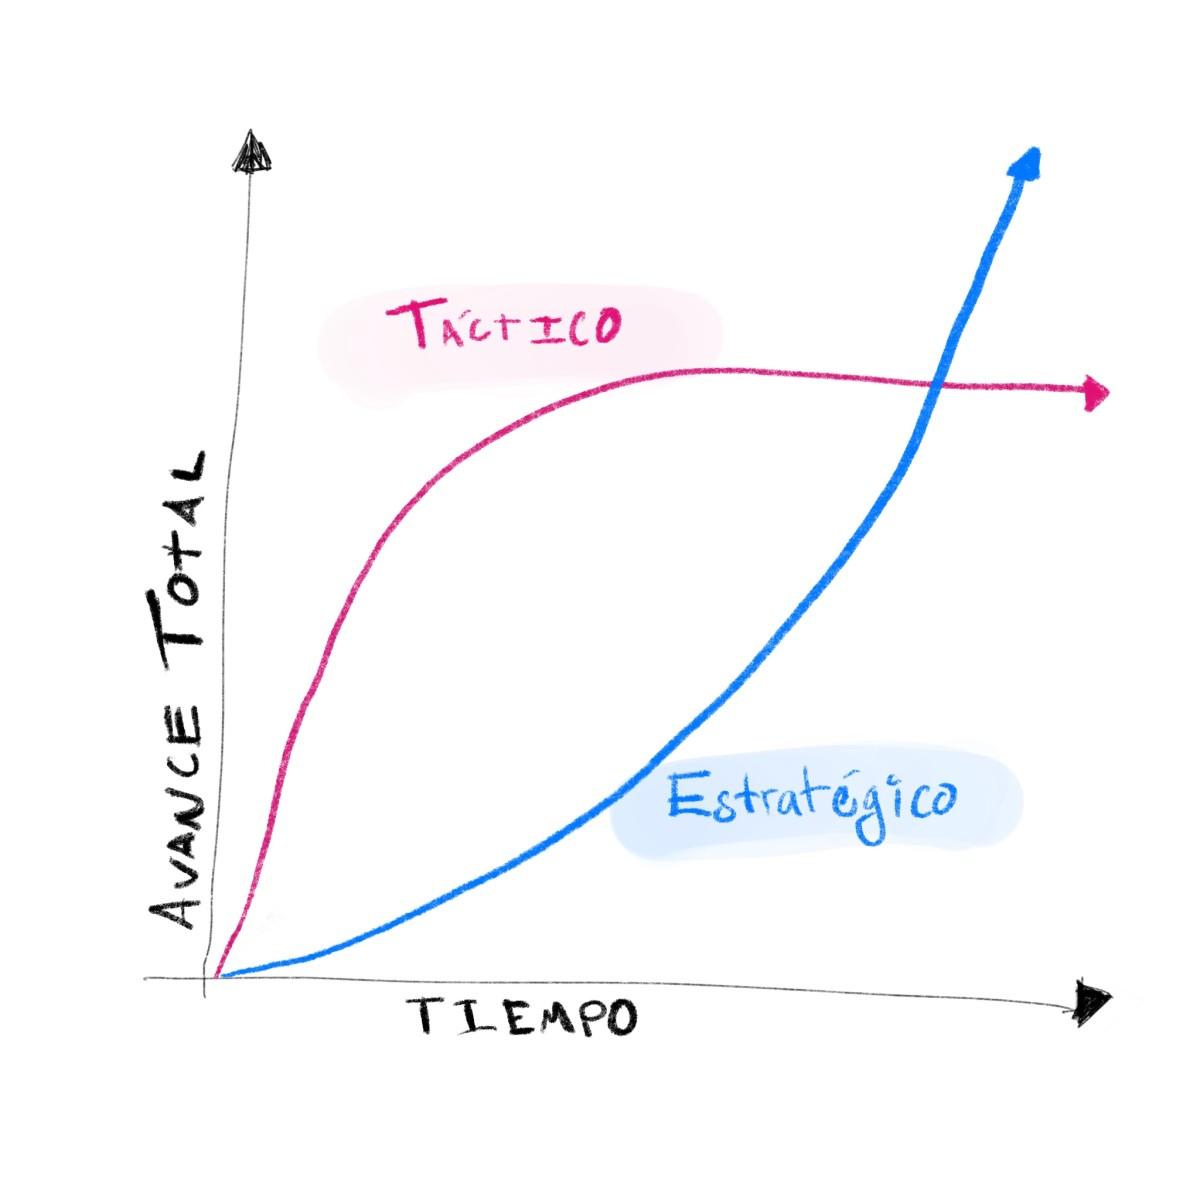 Comparación desarrollo táctico vs estratégico